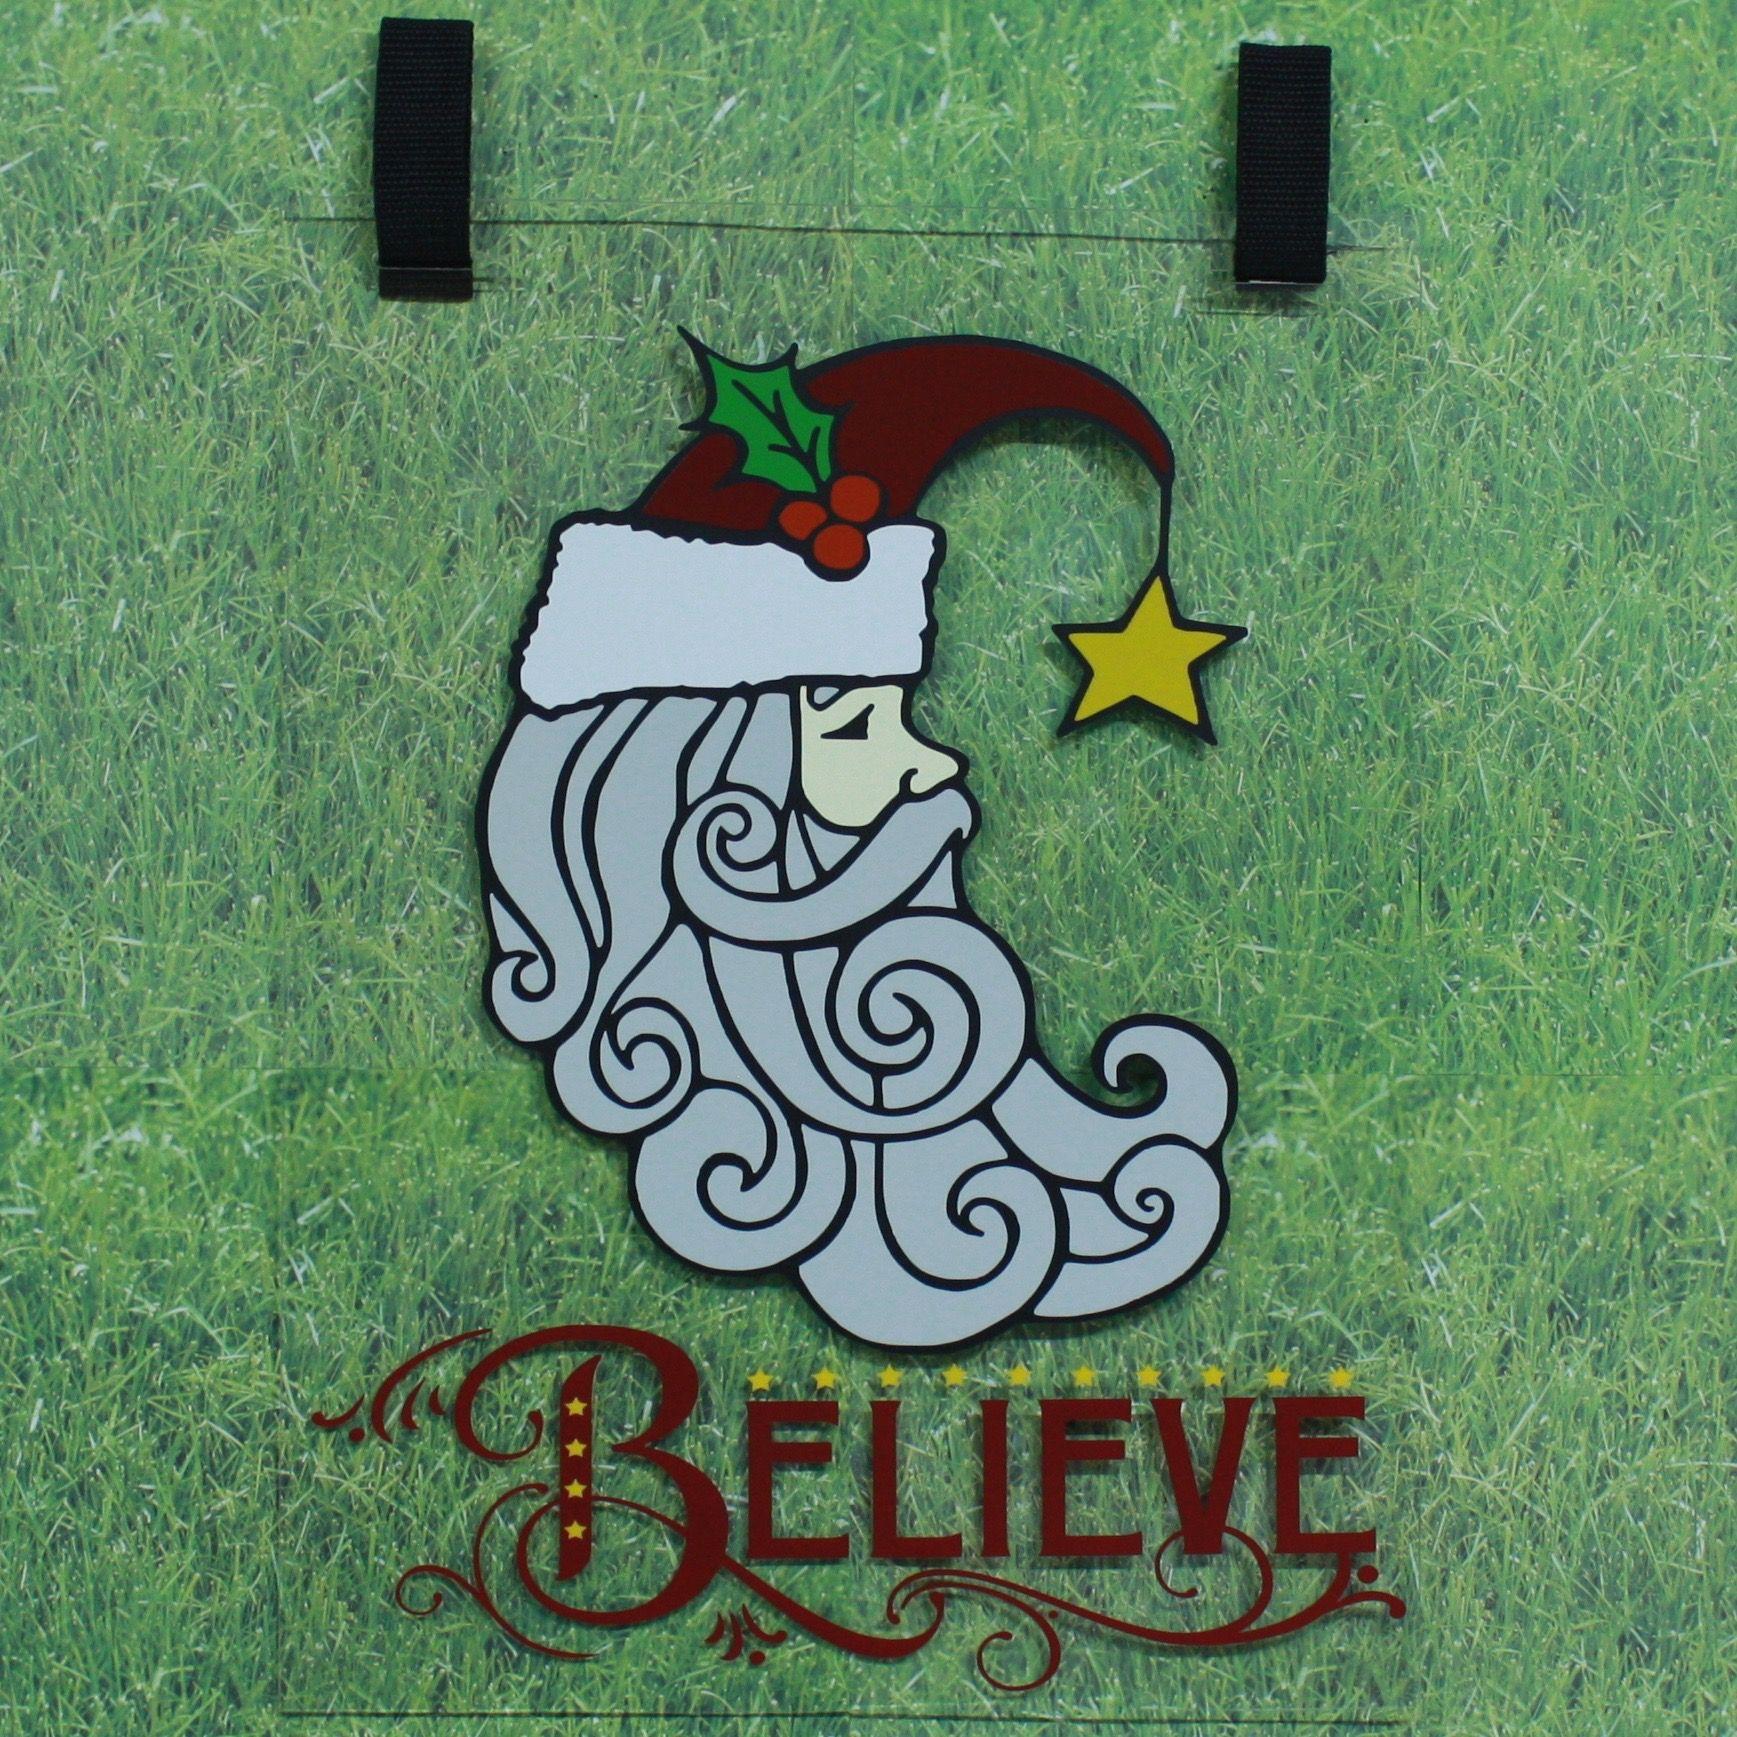 Santa with Believe | Personalized Plexiglass Garden Flags ...